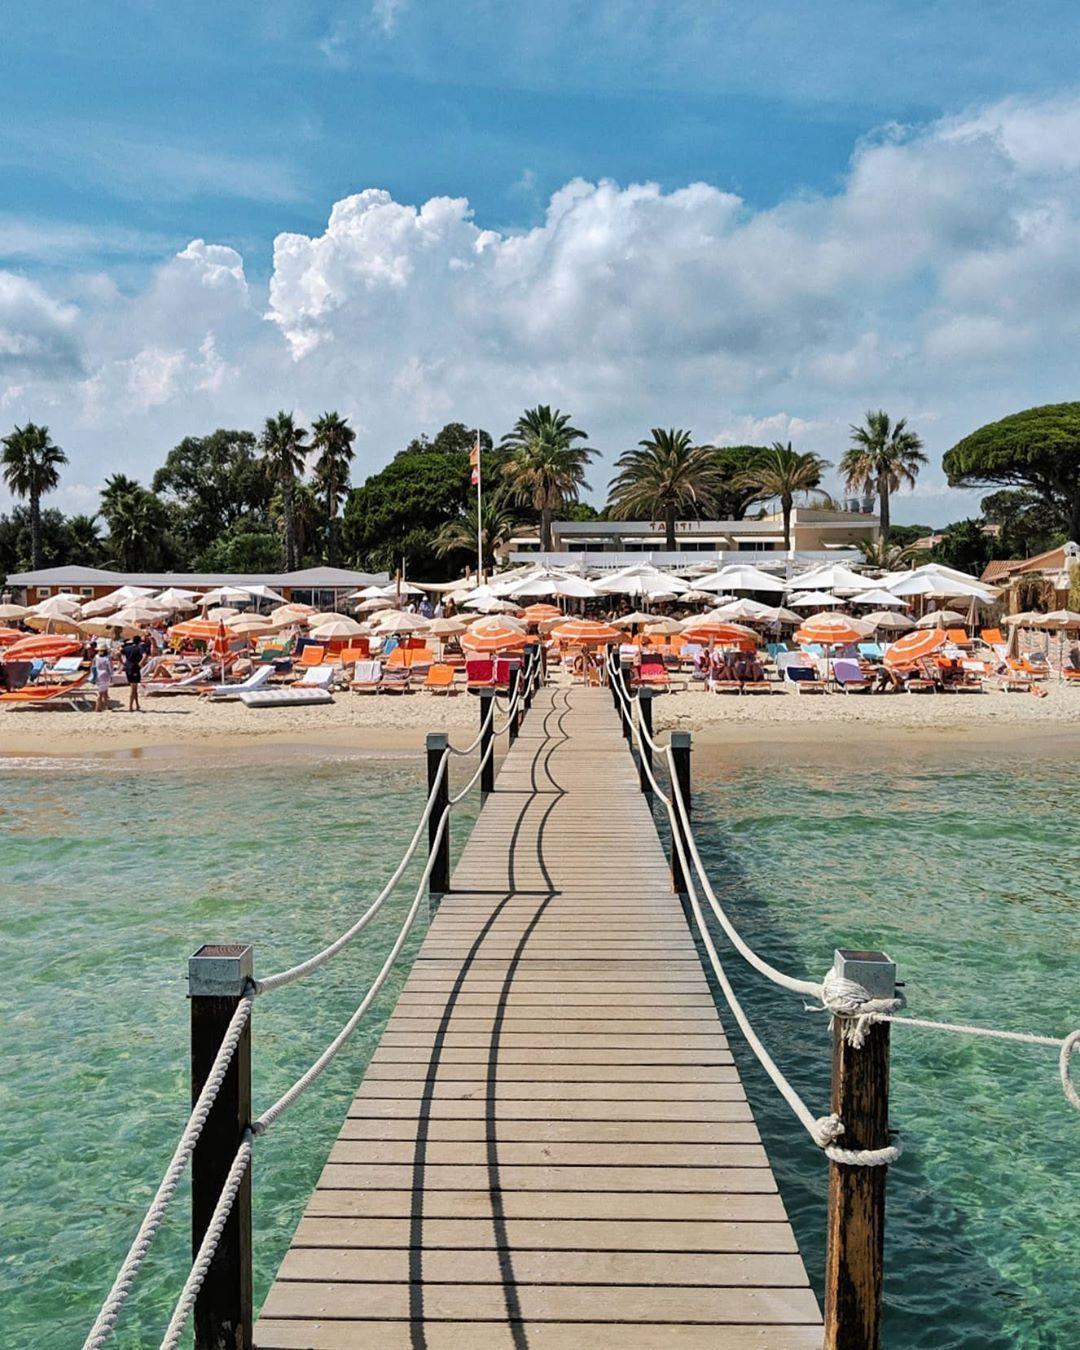 988 Mentions J Aime 22 Commentaires Côte D Azur Travel Luxury Cotedazur Sur Instagram Tahiti Beach Beach Club Luxury Travel Travel Beach Club